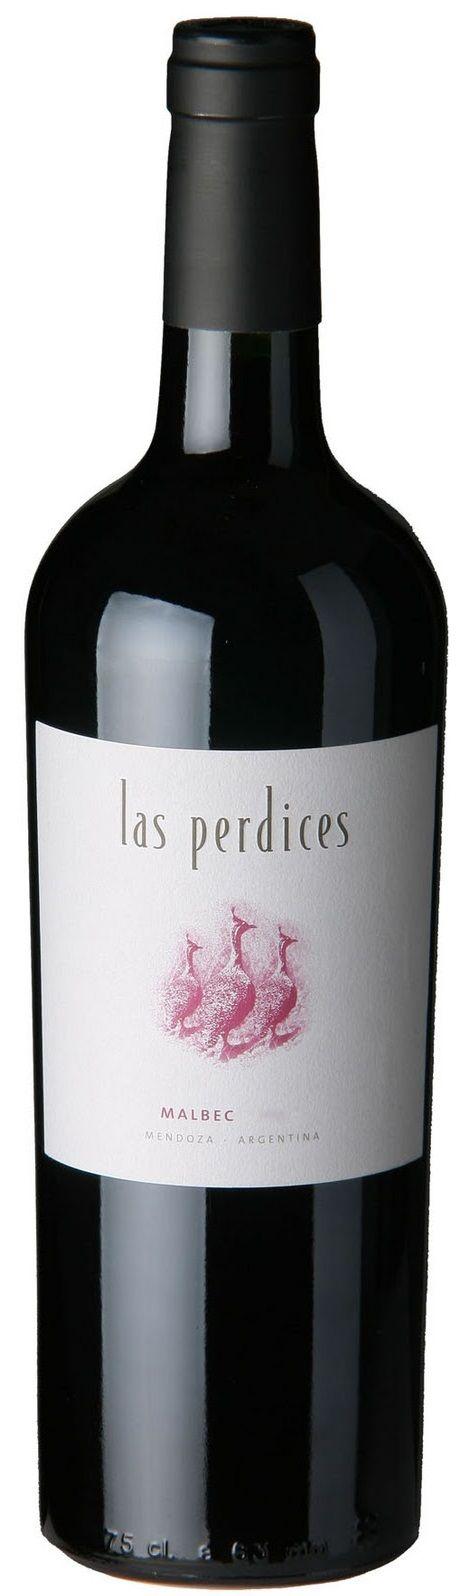 """""""Las Perdices"""" Malbec 2012 - Bodega Viña Las Perdices, Luján de Cuyo------------------------- Terroir: Agrelo------------------------- Crianza: 8 meses en barricas de roble francés y americano"""